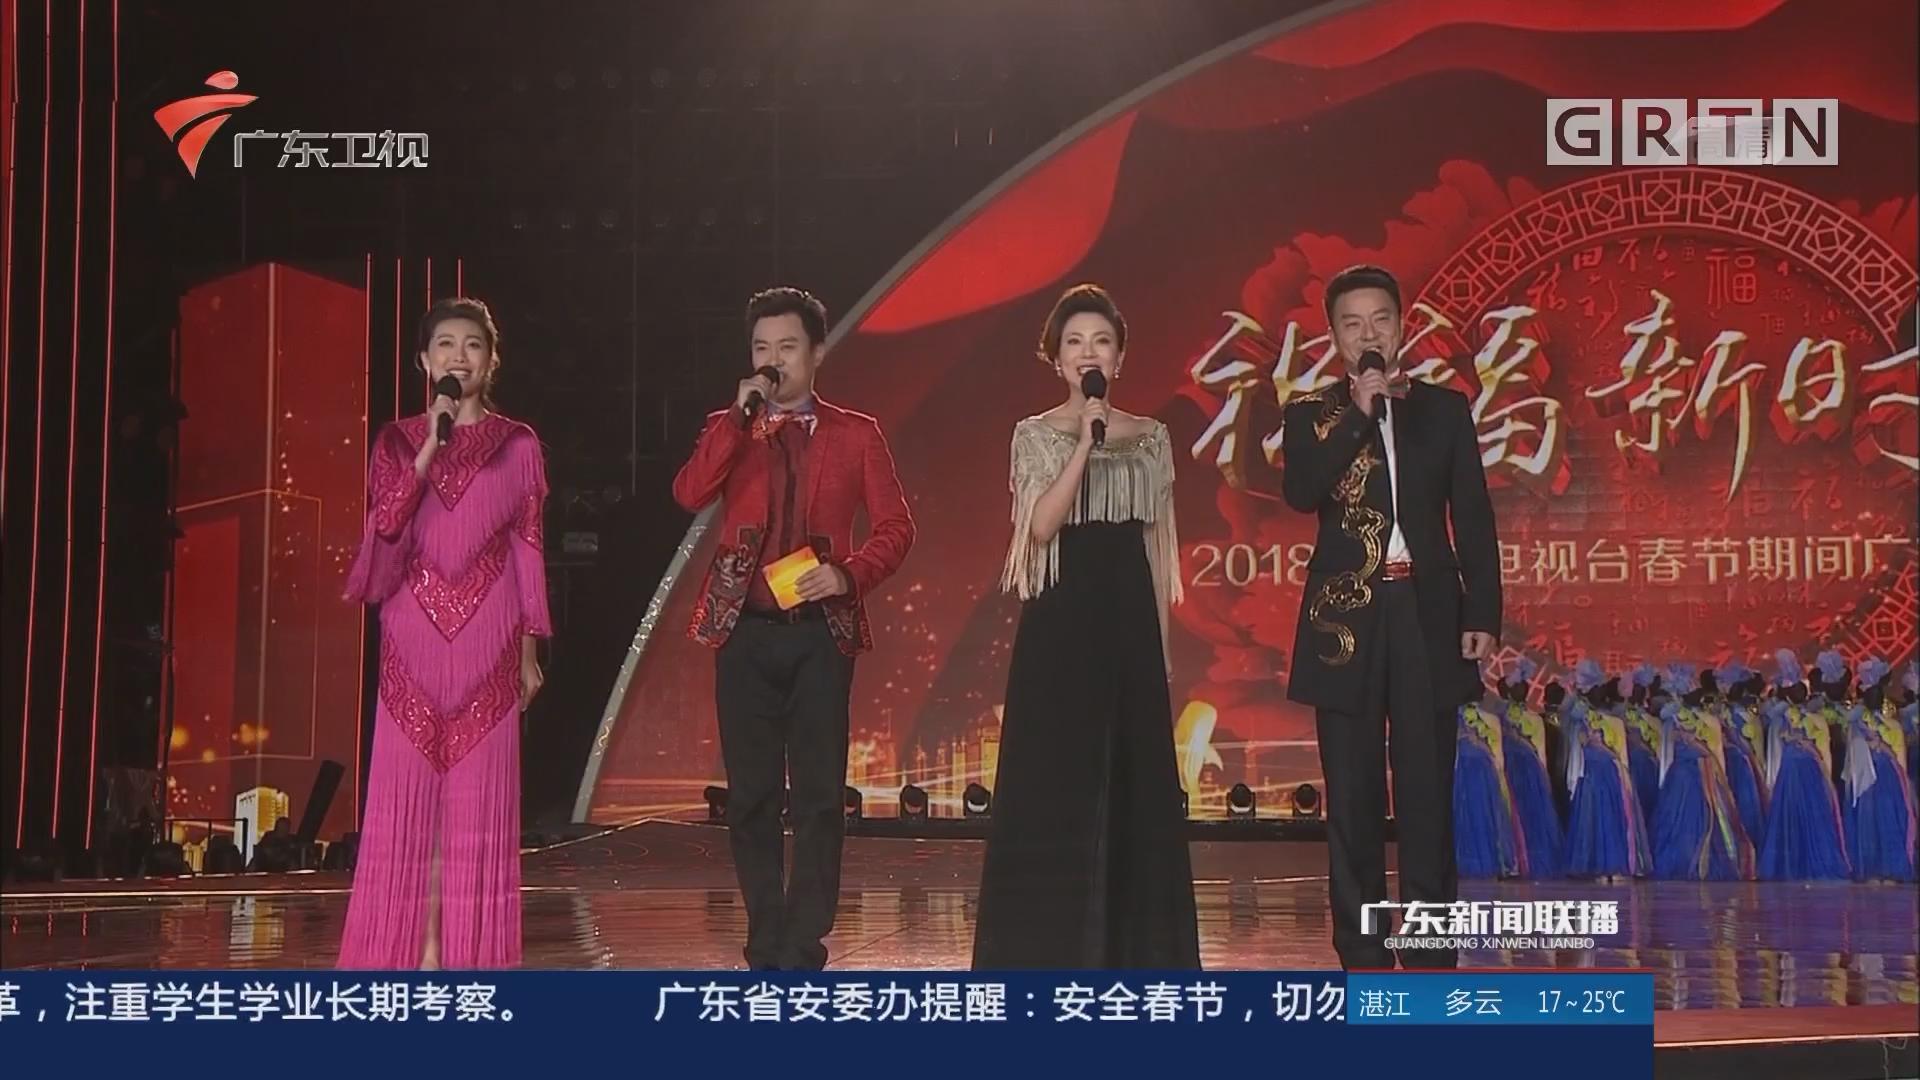 《祝福新时代》广东展播节目春节登陆央视